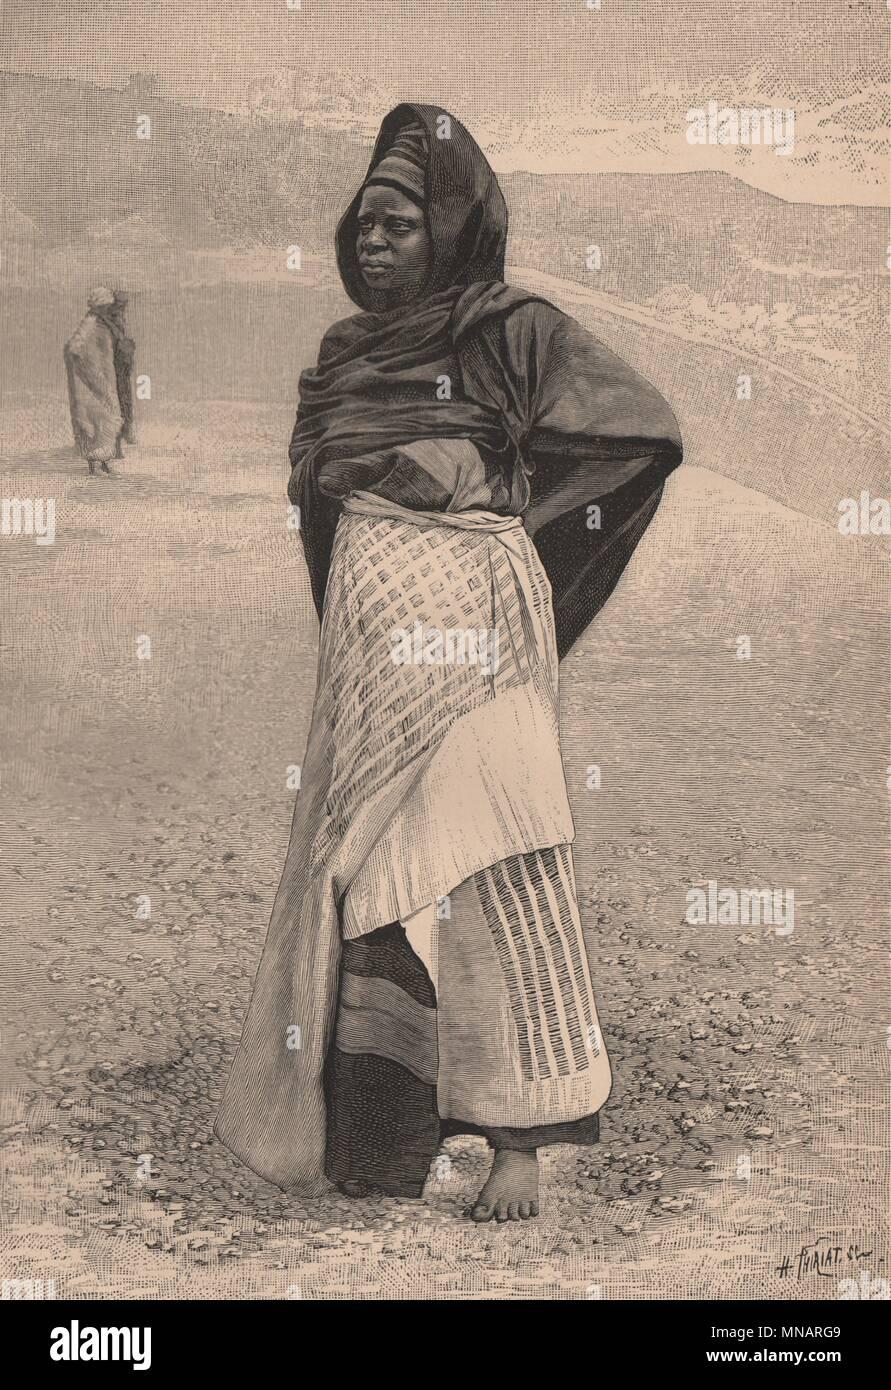 Nupe (tapa) de la mujer. Nigeria. La Cuenca del Níger 1885 antigua imagen de impresión Imagen De Stock